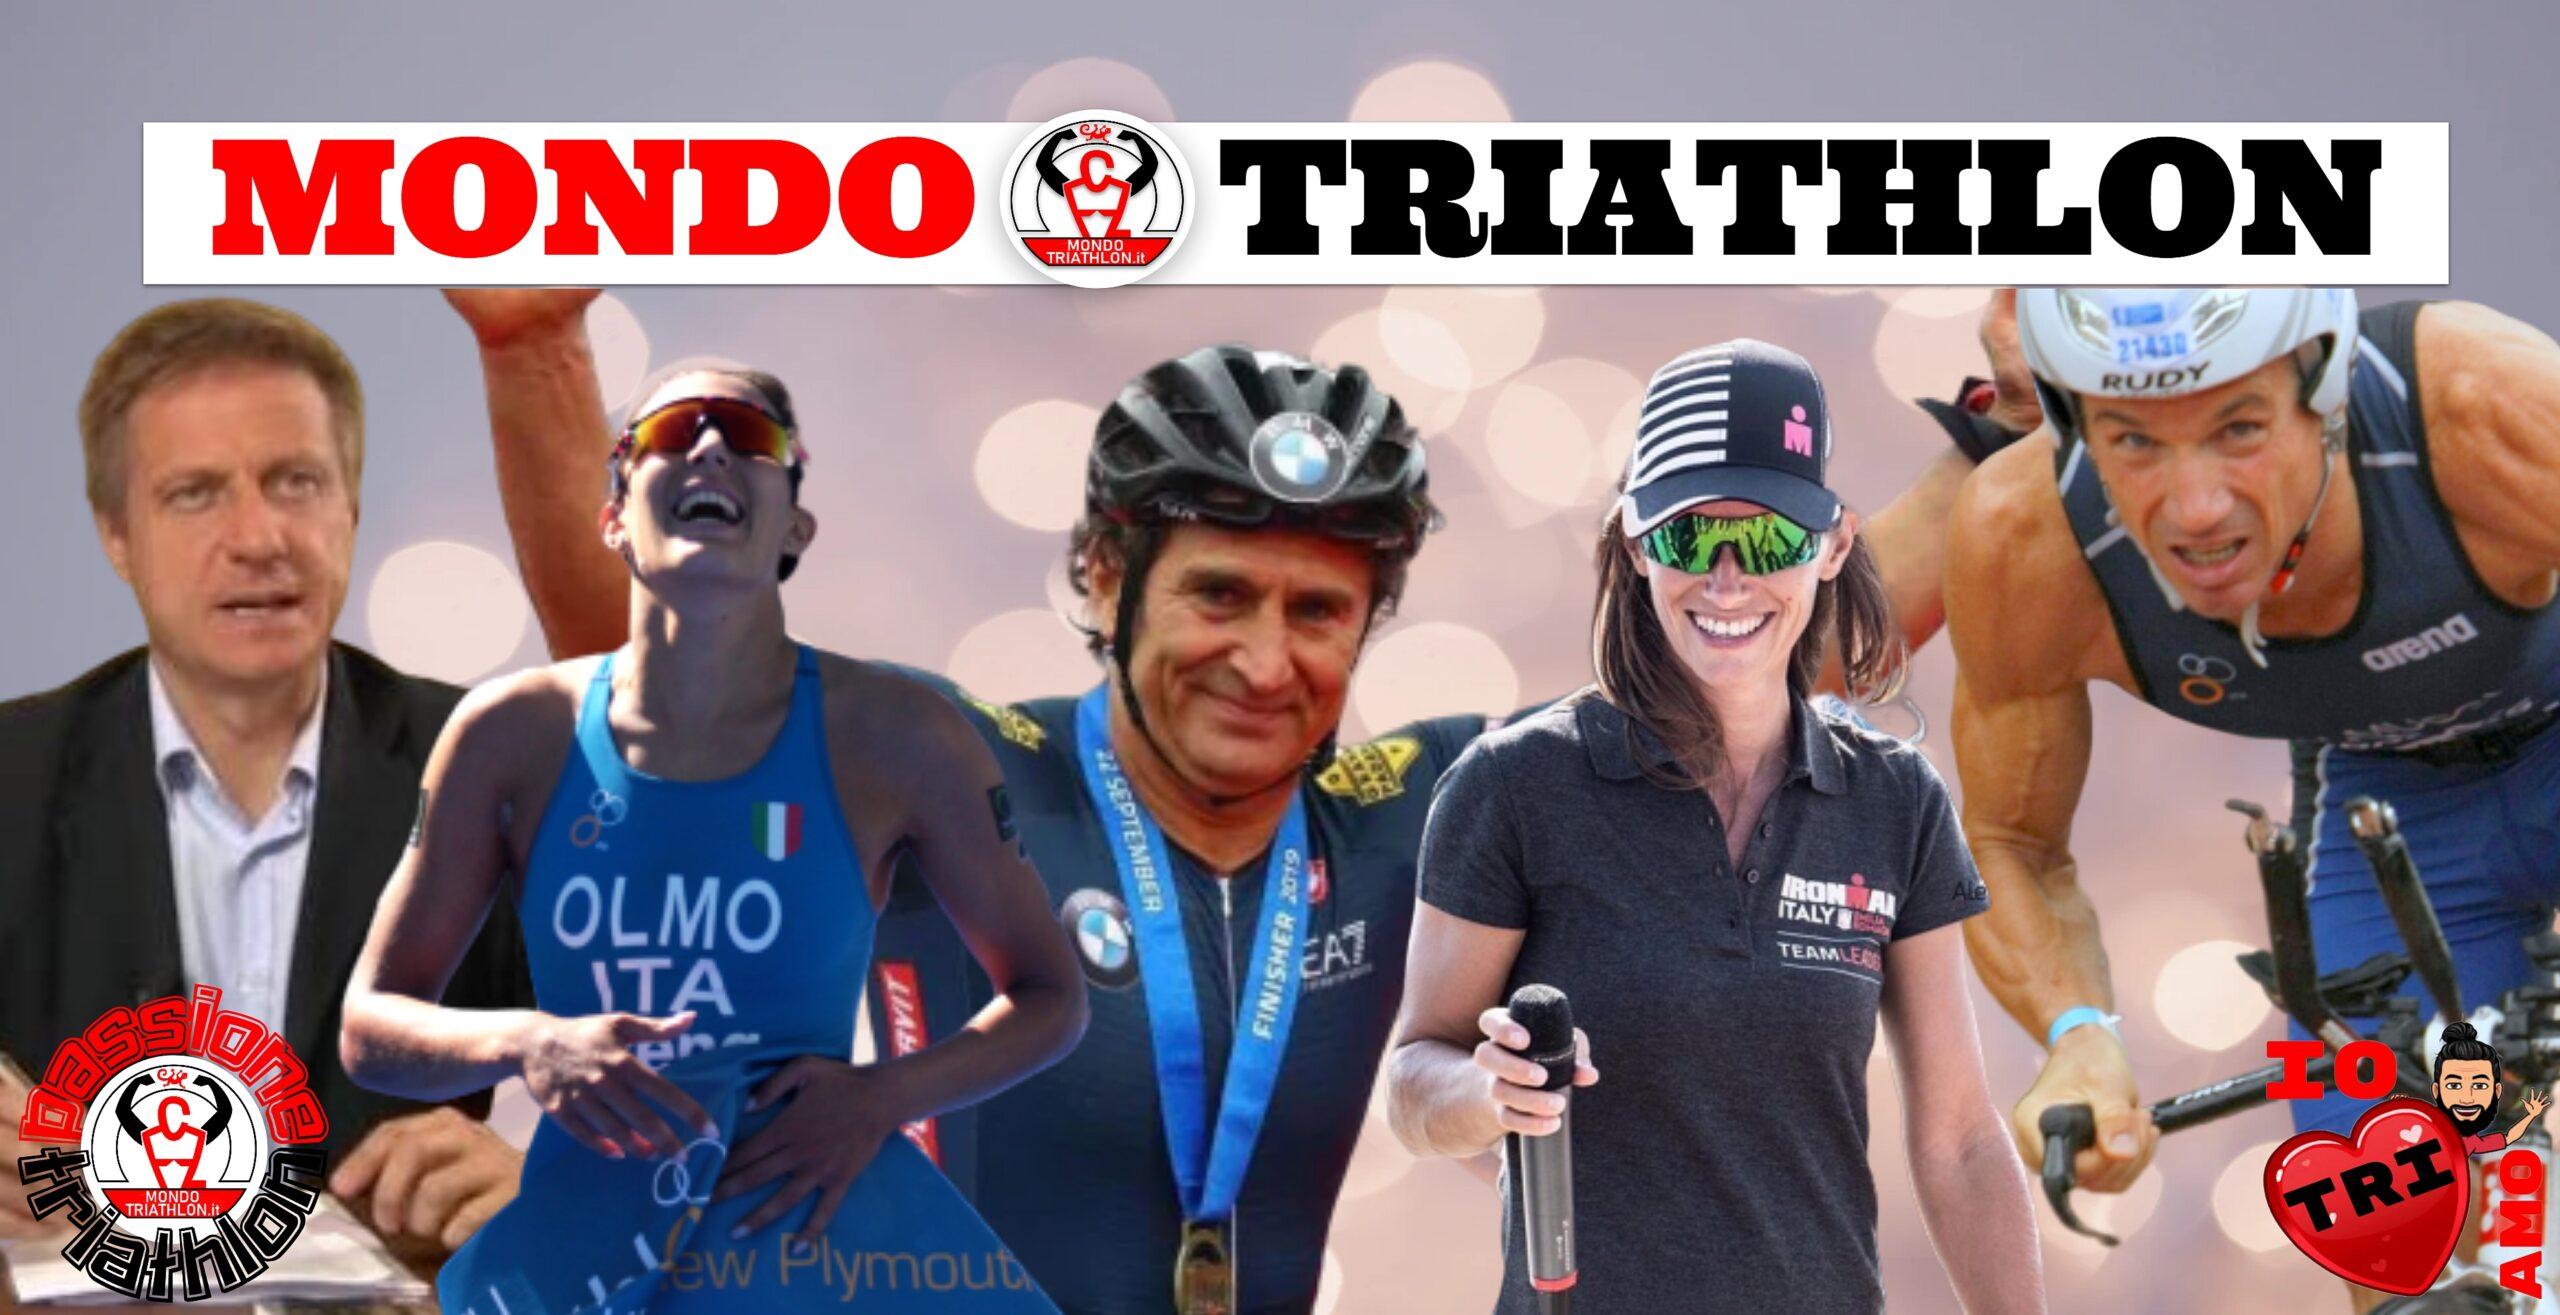 Passione Triathlon Ospiti 11-15 maggio 2020: Alex Zanardi, Angelica Olmo, Danilo Palmucci, Tania Branzanic, Luca Speciani